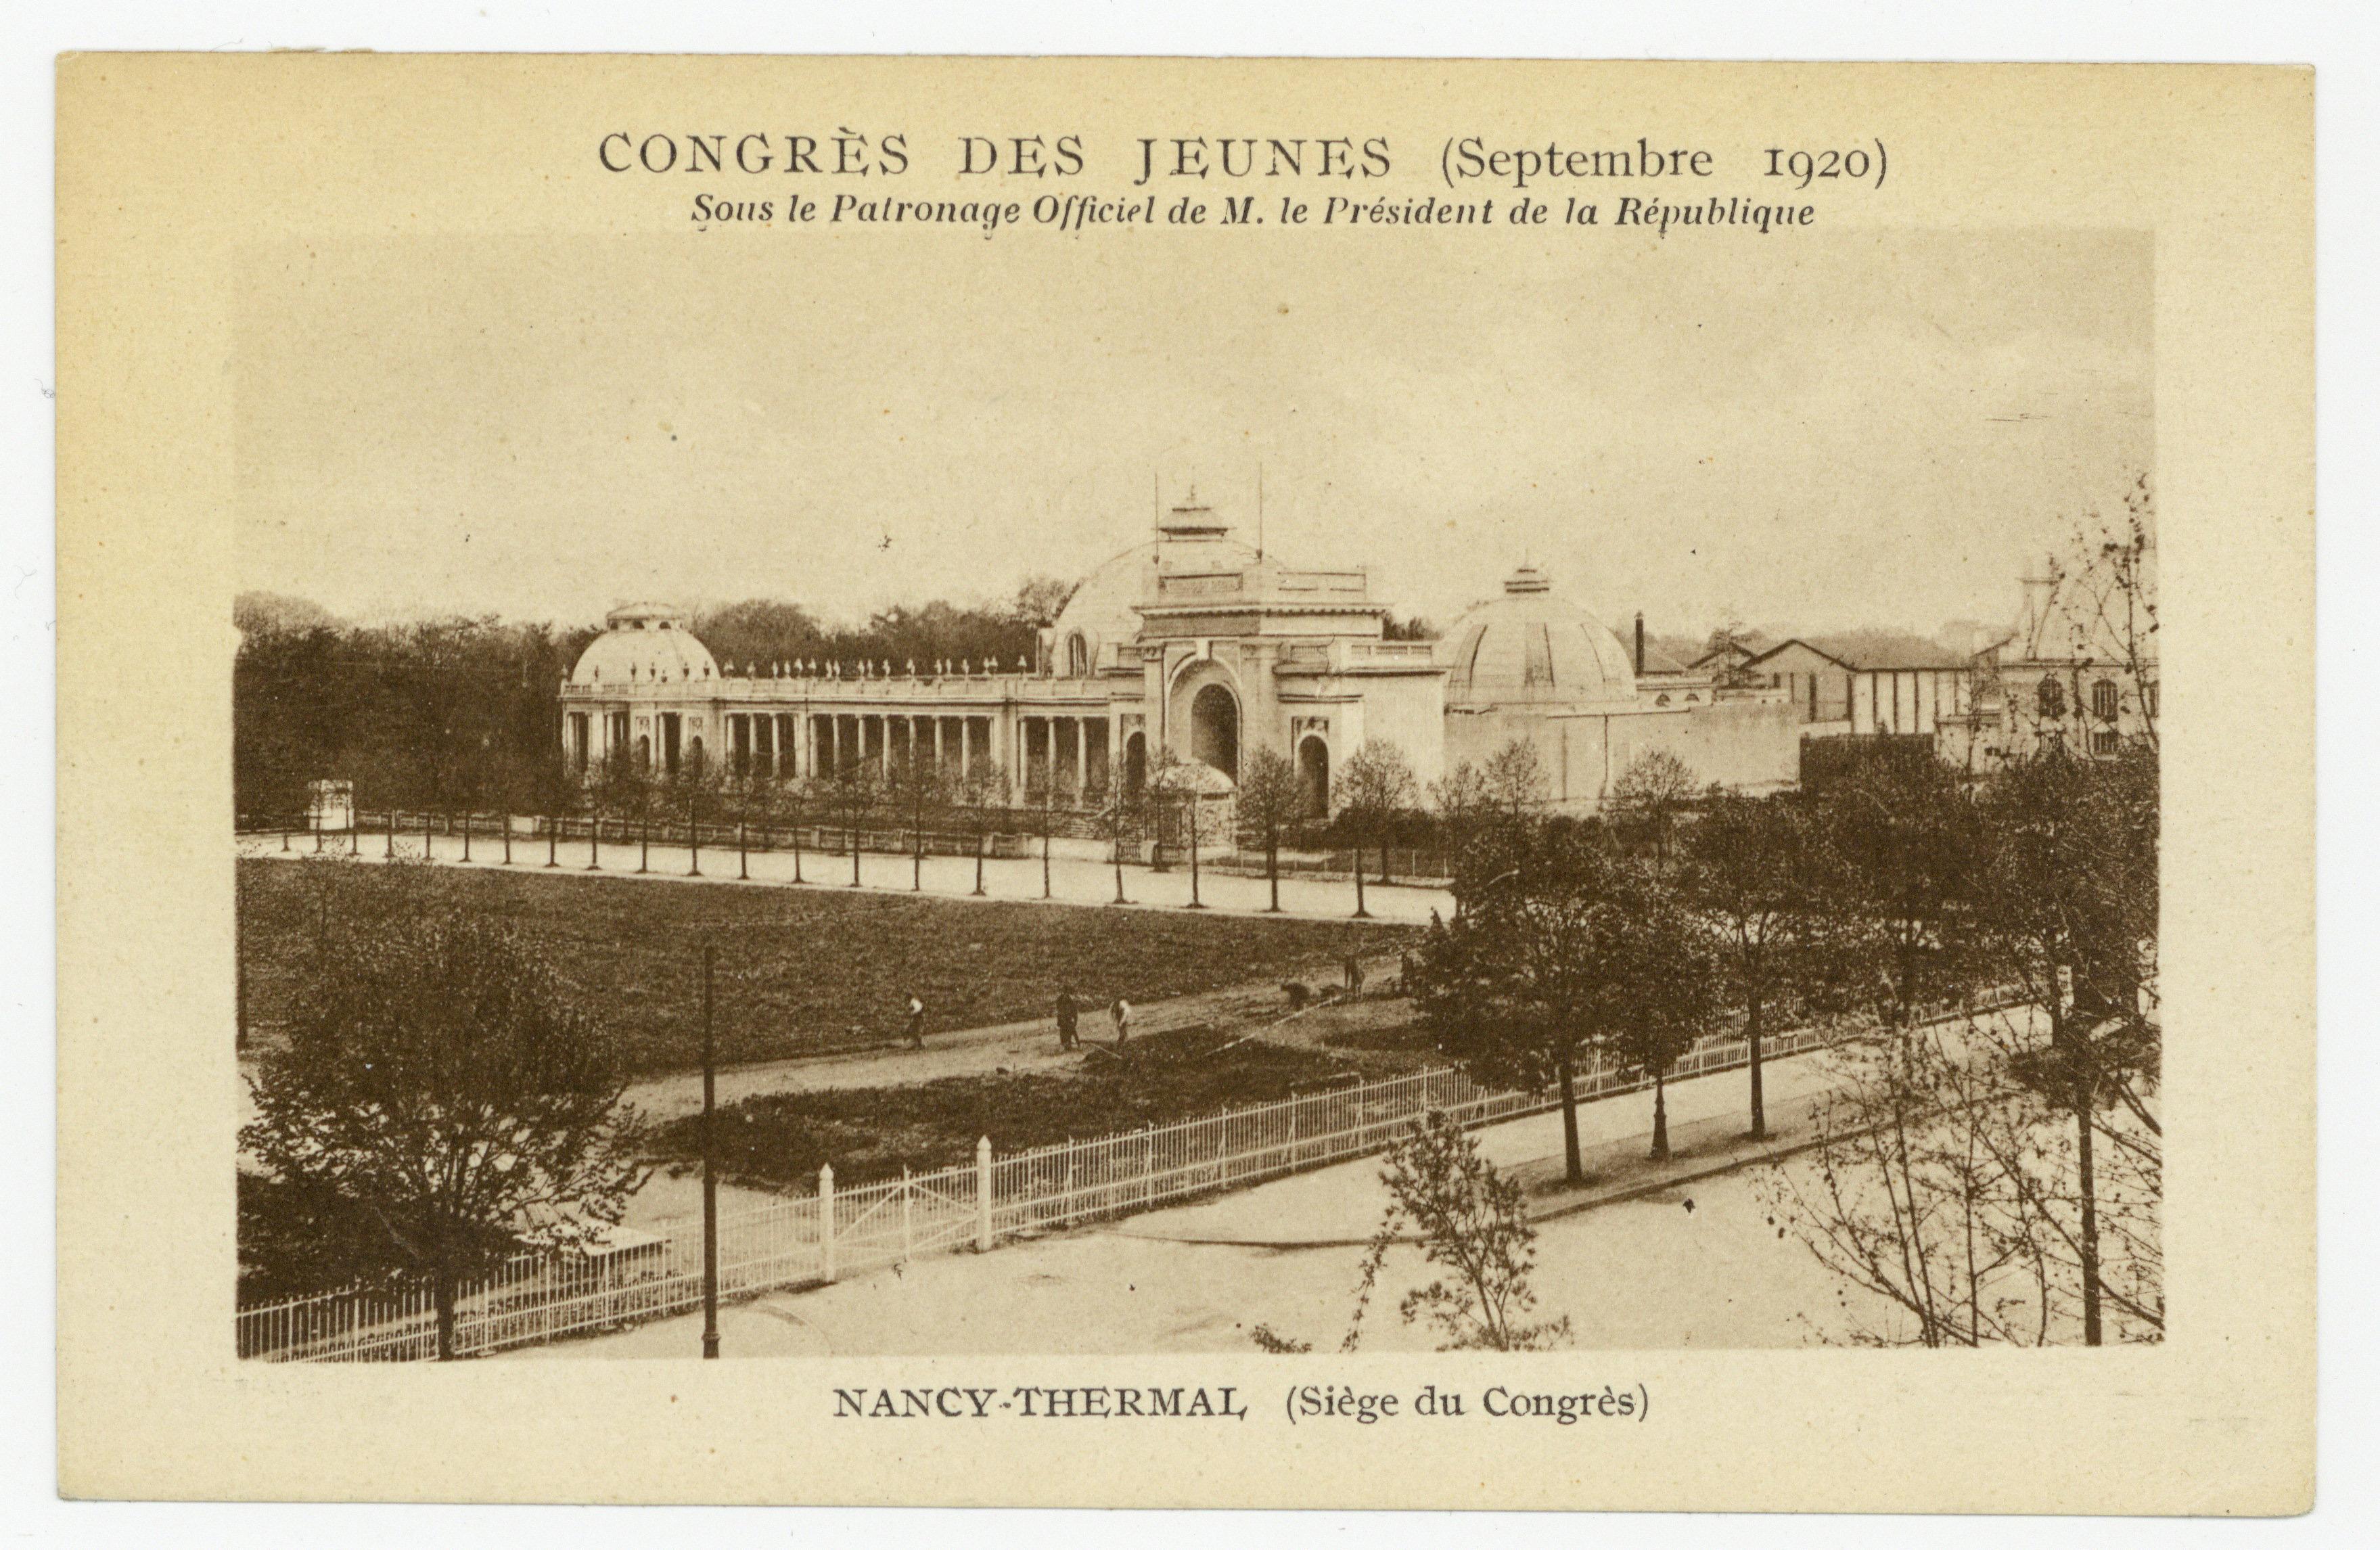 Contenu du Congrès des jeunes (septembre 1920) : Nancy-Thermal (siège du congrès), sous le patronage officiel de M. le Président de la République